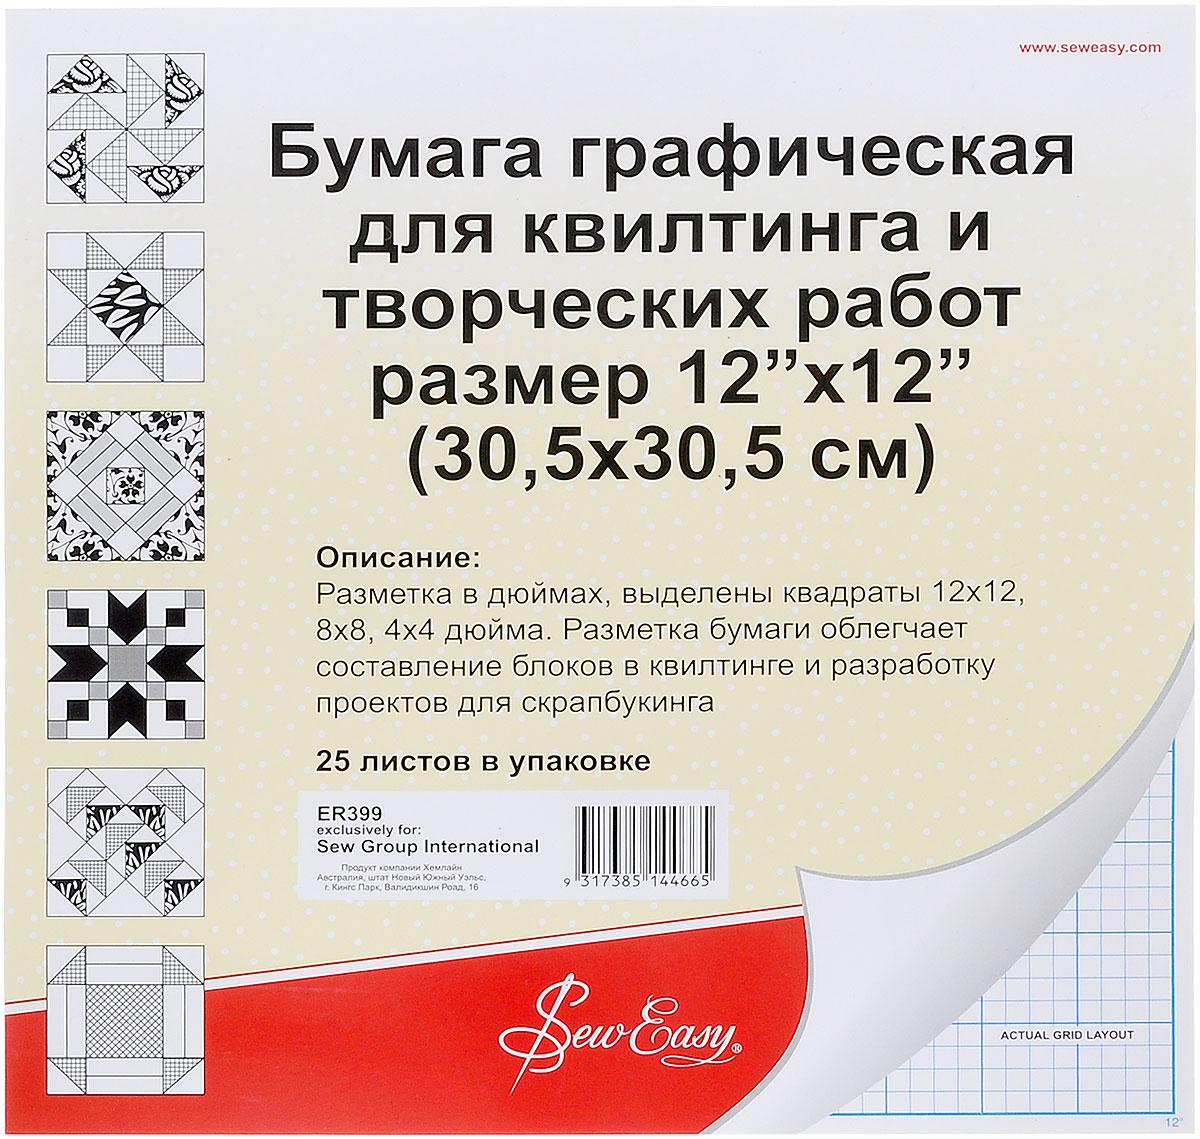 Бумага графическая Hemline, для квилтинга и творческих работ, 25 листовNLED-454-9W-BKГрафическая бумага Hemline позволяет расчерчивать блоки для пэчворка, дизайнерских проектов и скрапбукинга. Разметка в дюймах, выделены квадраты 4 х 4, 8 х 8, 12 х 12.Размер листа: 30,5 х 30,5 см.